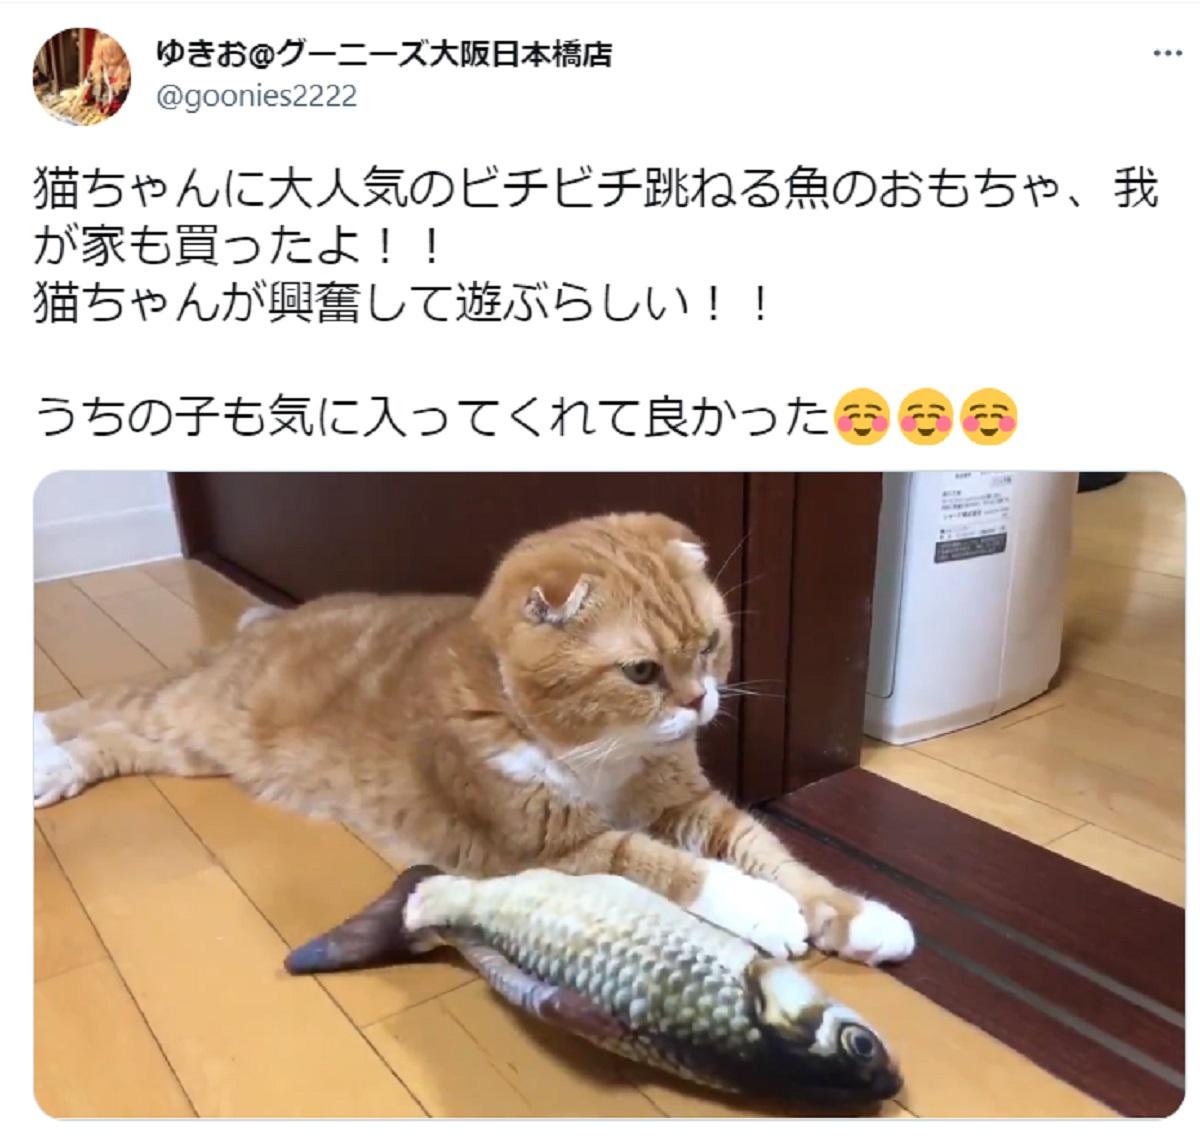 「これぞ塩対応」ビチビチ跳ねる魚のおもちゃに全く興味を見せない猫